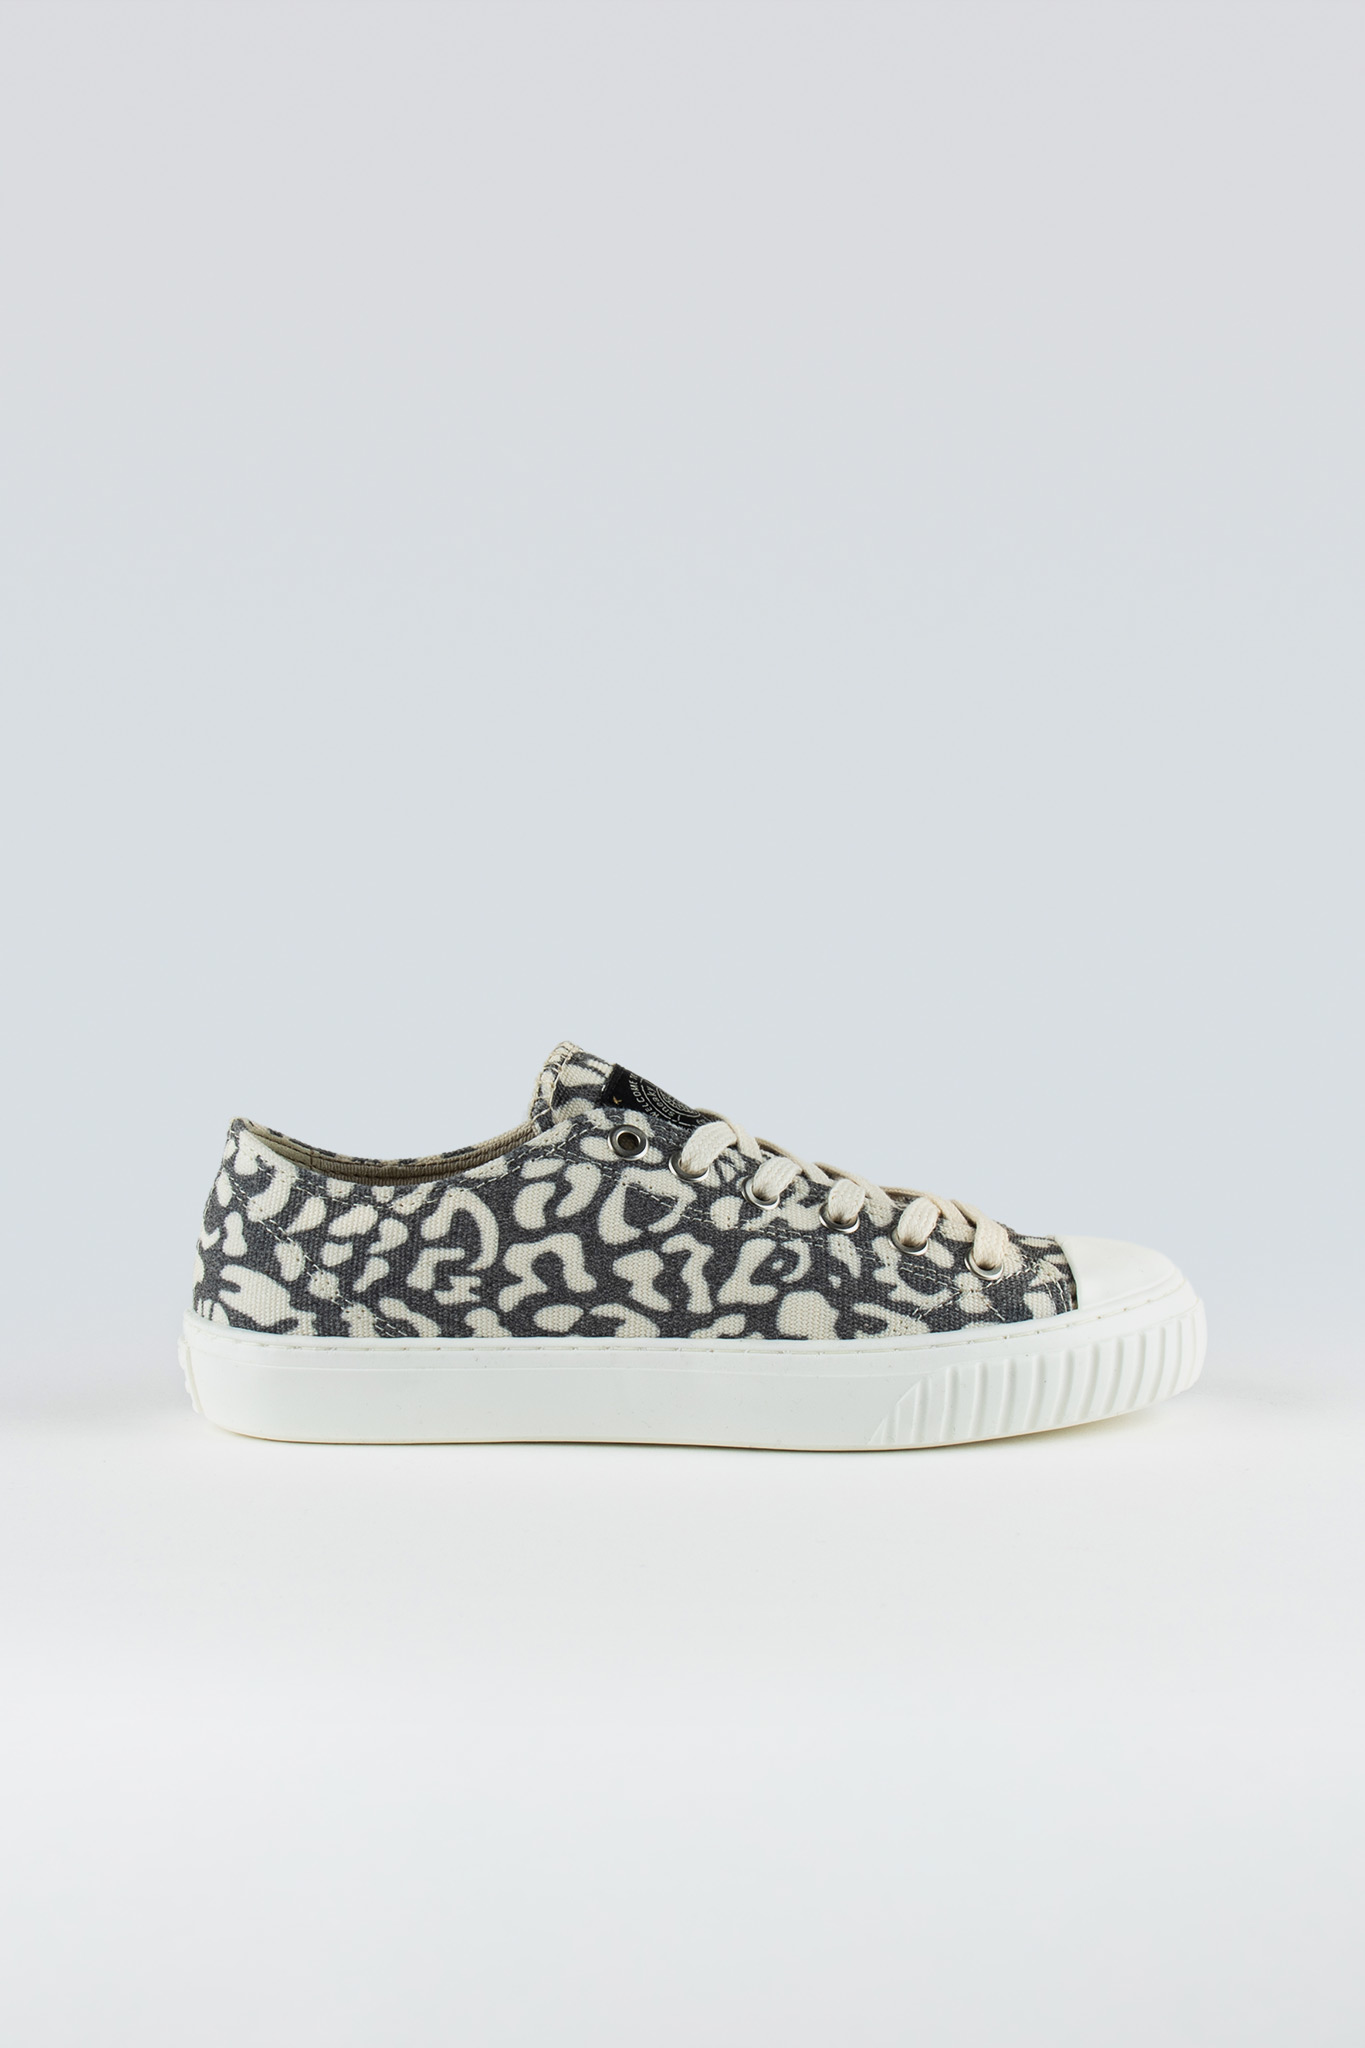 Swing Low W Black/White Leopard